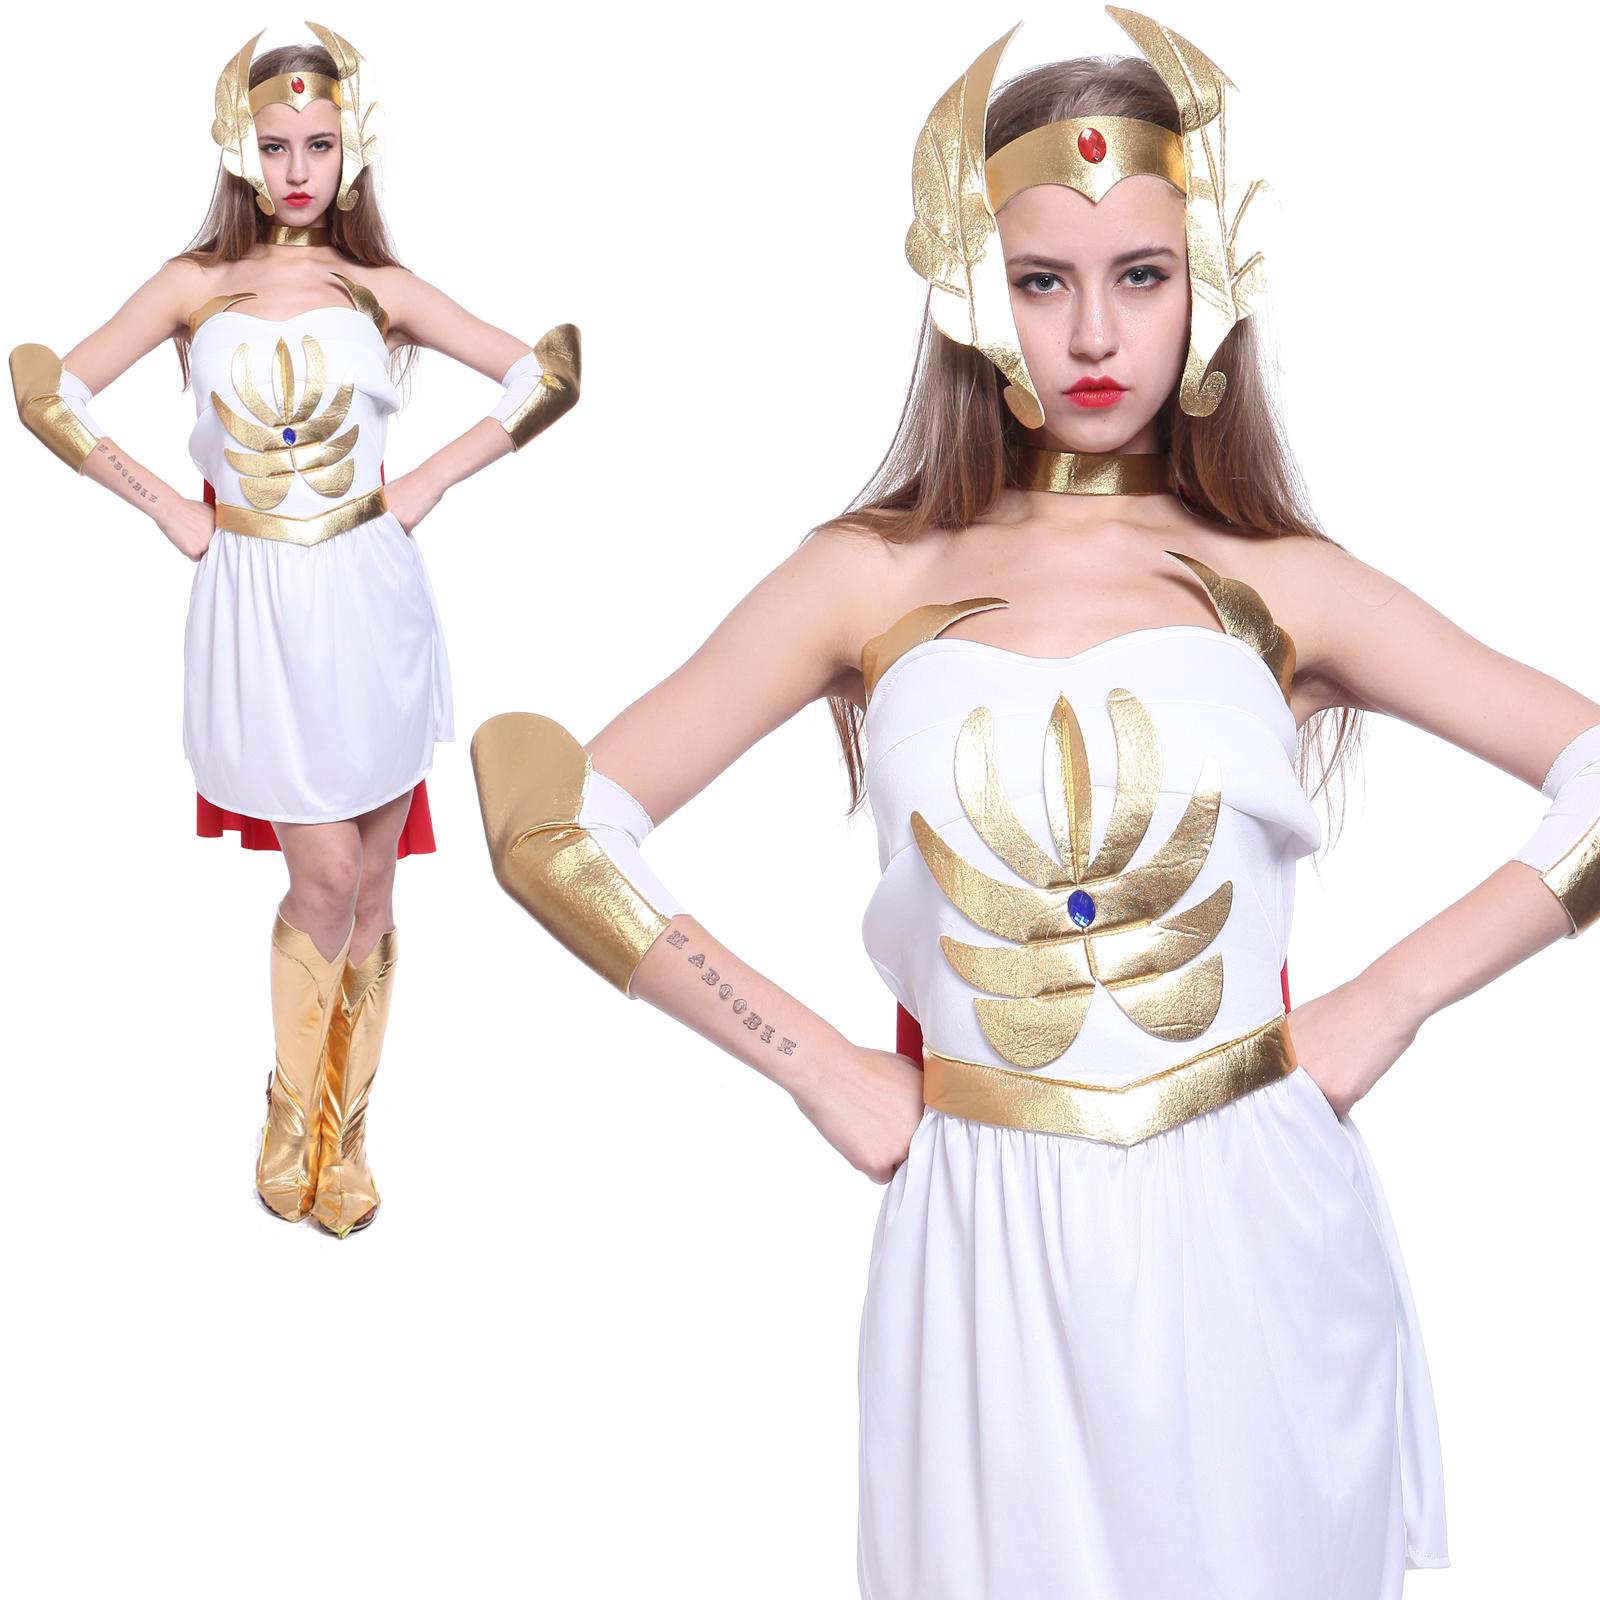 Costume-Robe-Deguisement-Chevaliere-Medieval-Maitre-de-l-039-Univers-Cape-Carnaval